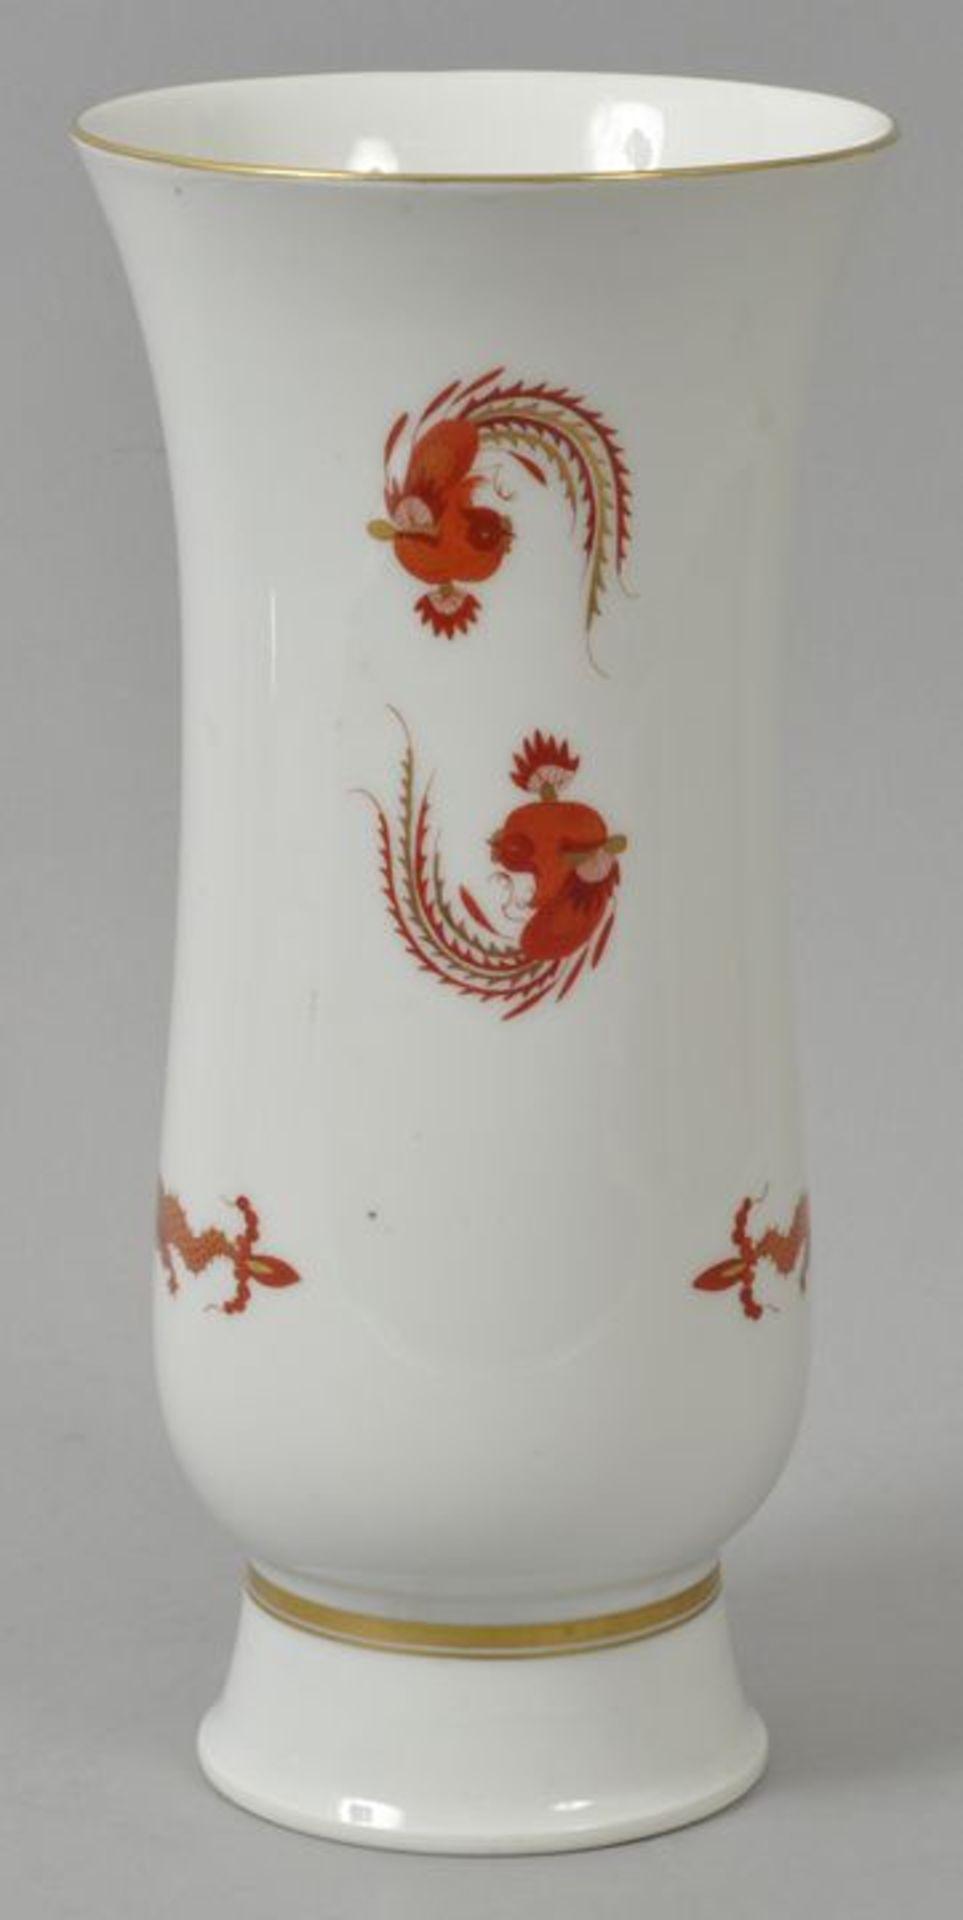 Los 43 - Vase, Meissen, 1. H. 20. Jh.Form auf hohem Standring, Dekor Reicher Drache in Eisenrot,...